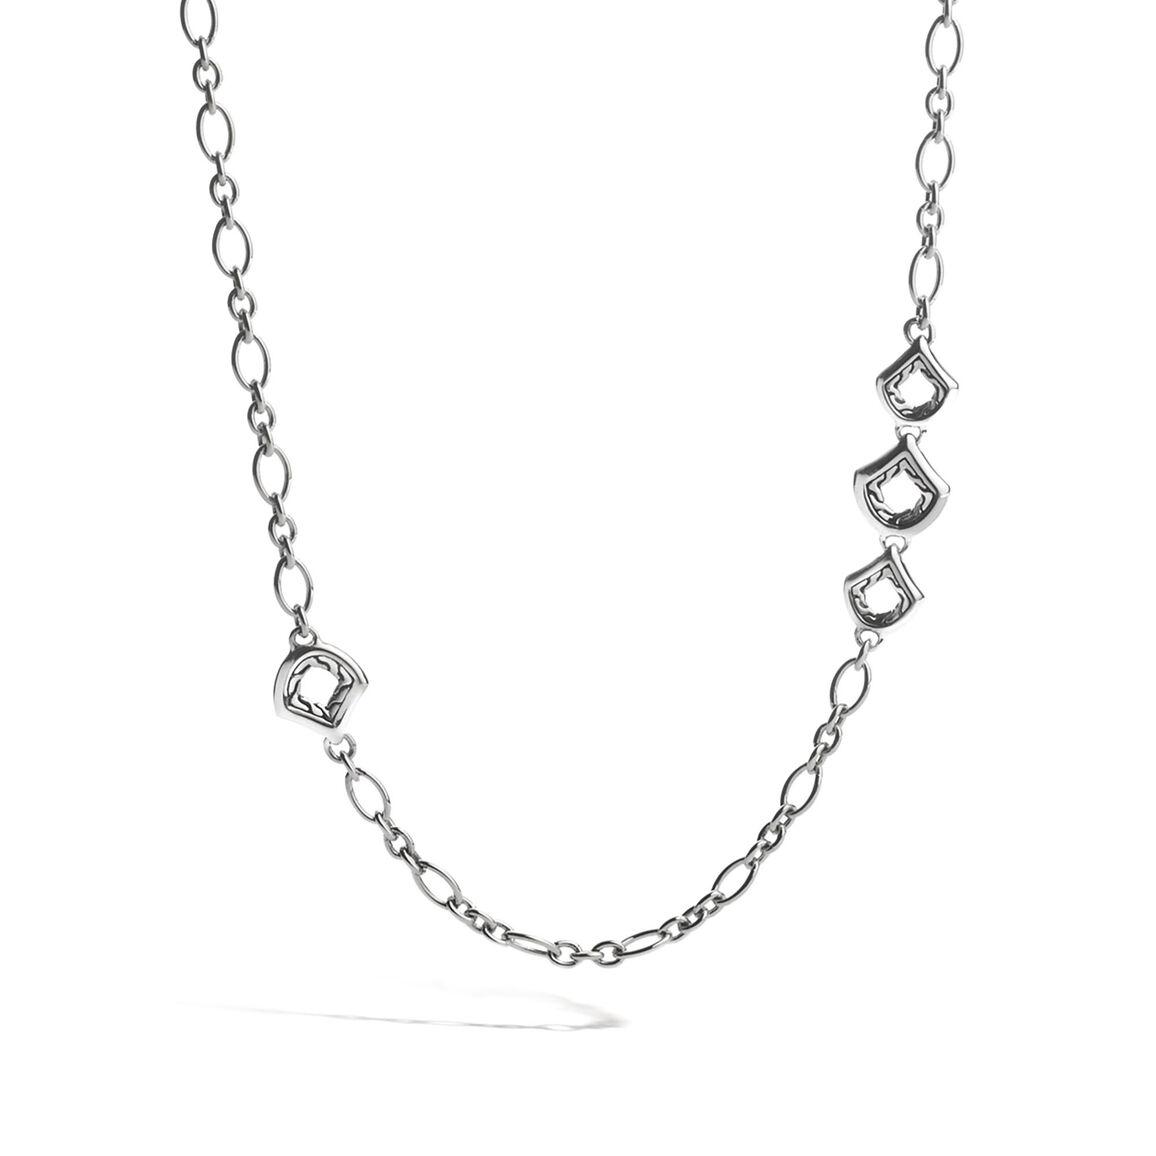 Legends Naga 4MM Link Necklace in Silver